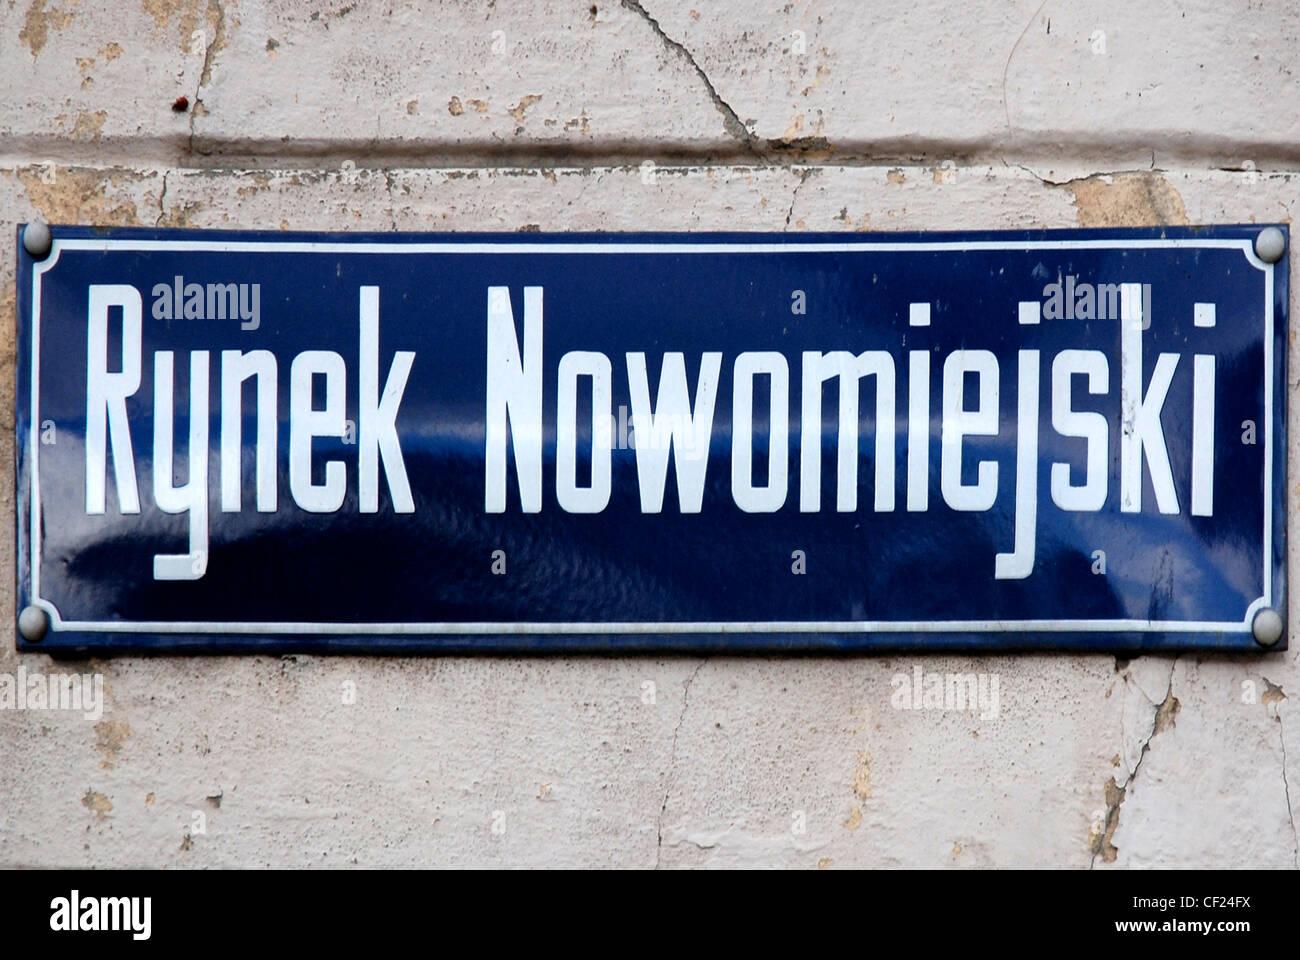 Rynek Nowomiejski panneau routier à Torun. Banque D'Images